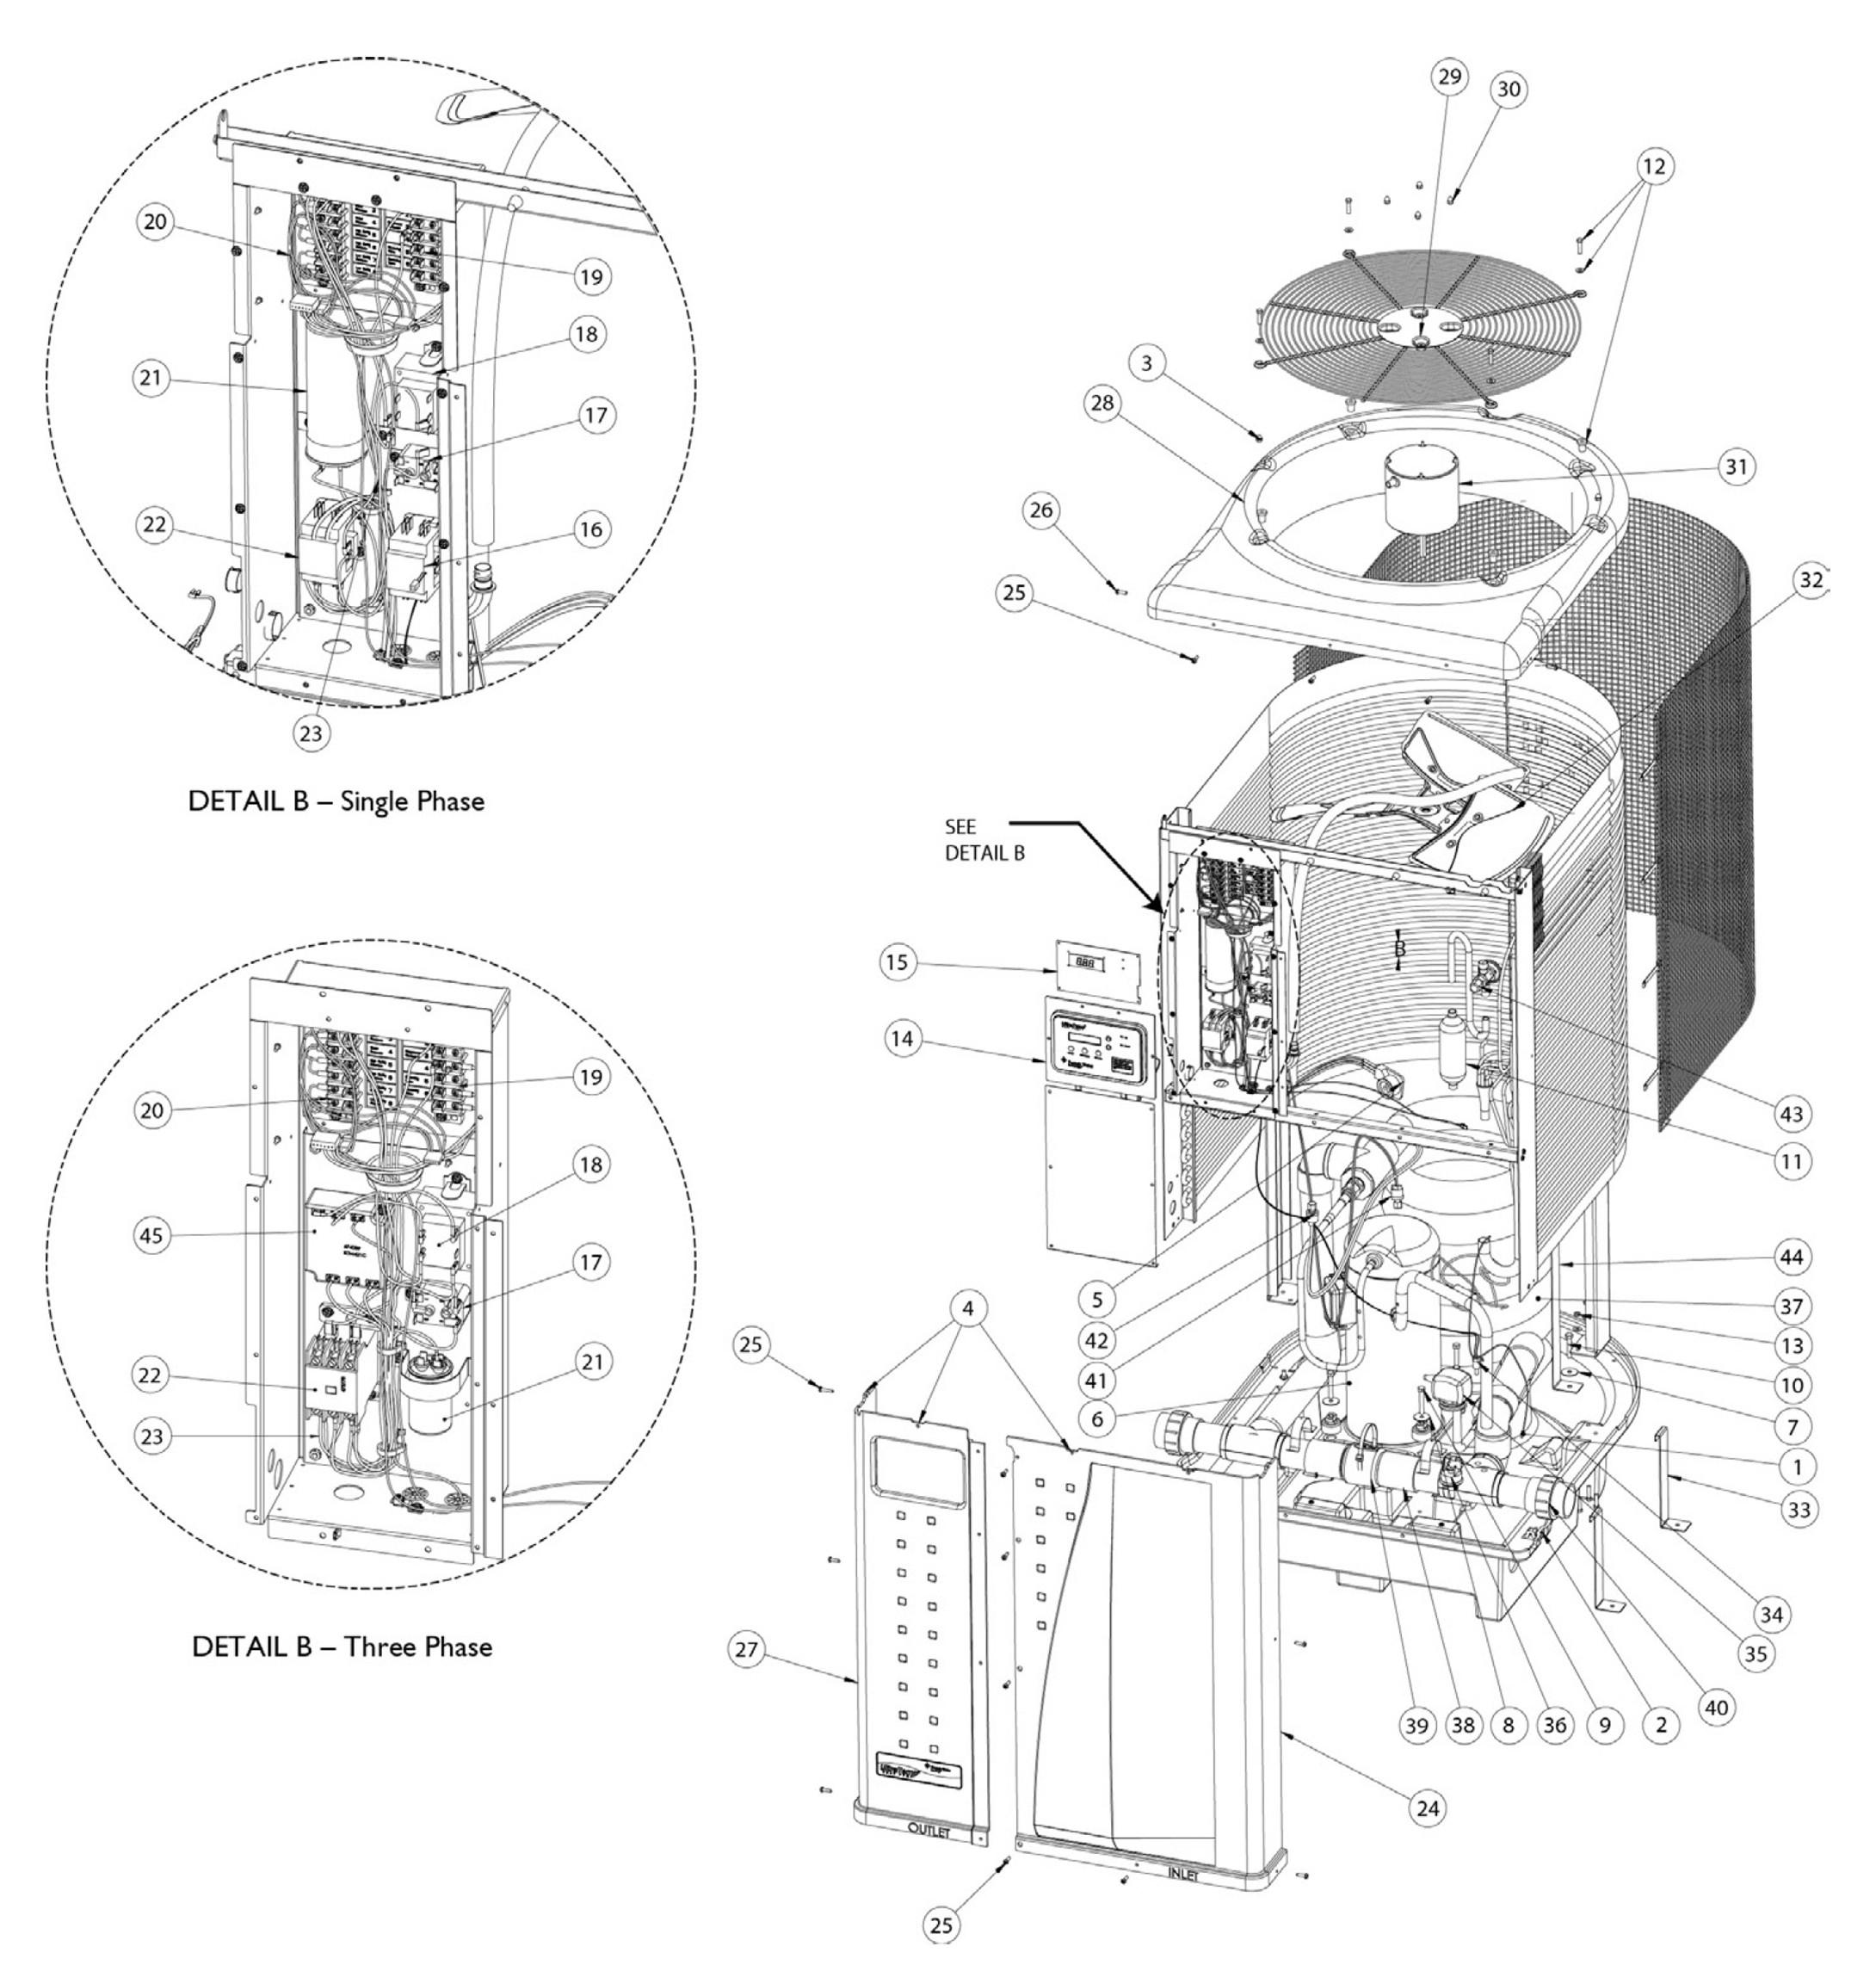 Hayward Pump Parts Diagram Pentair Ultratemp Heat Pump Parts Of Hayward Pump Parts Diagram